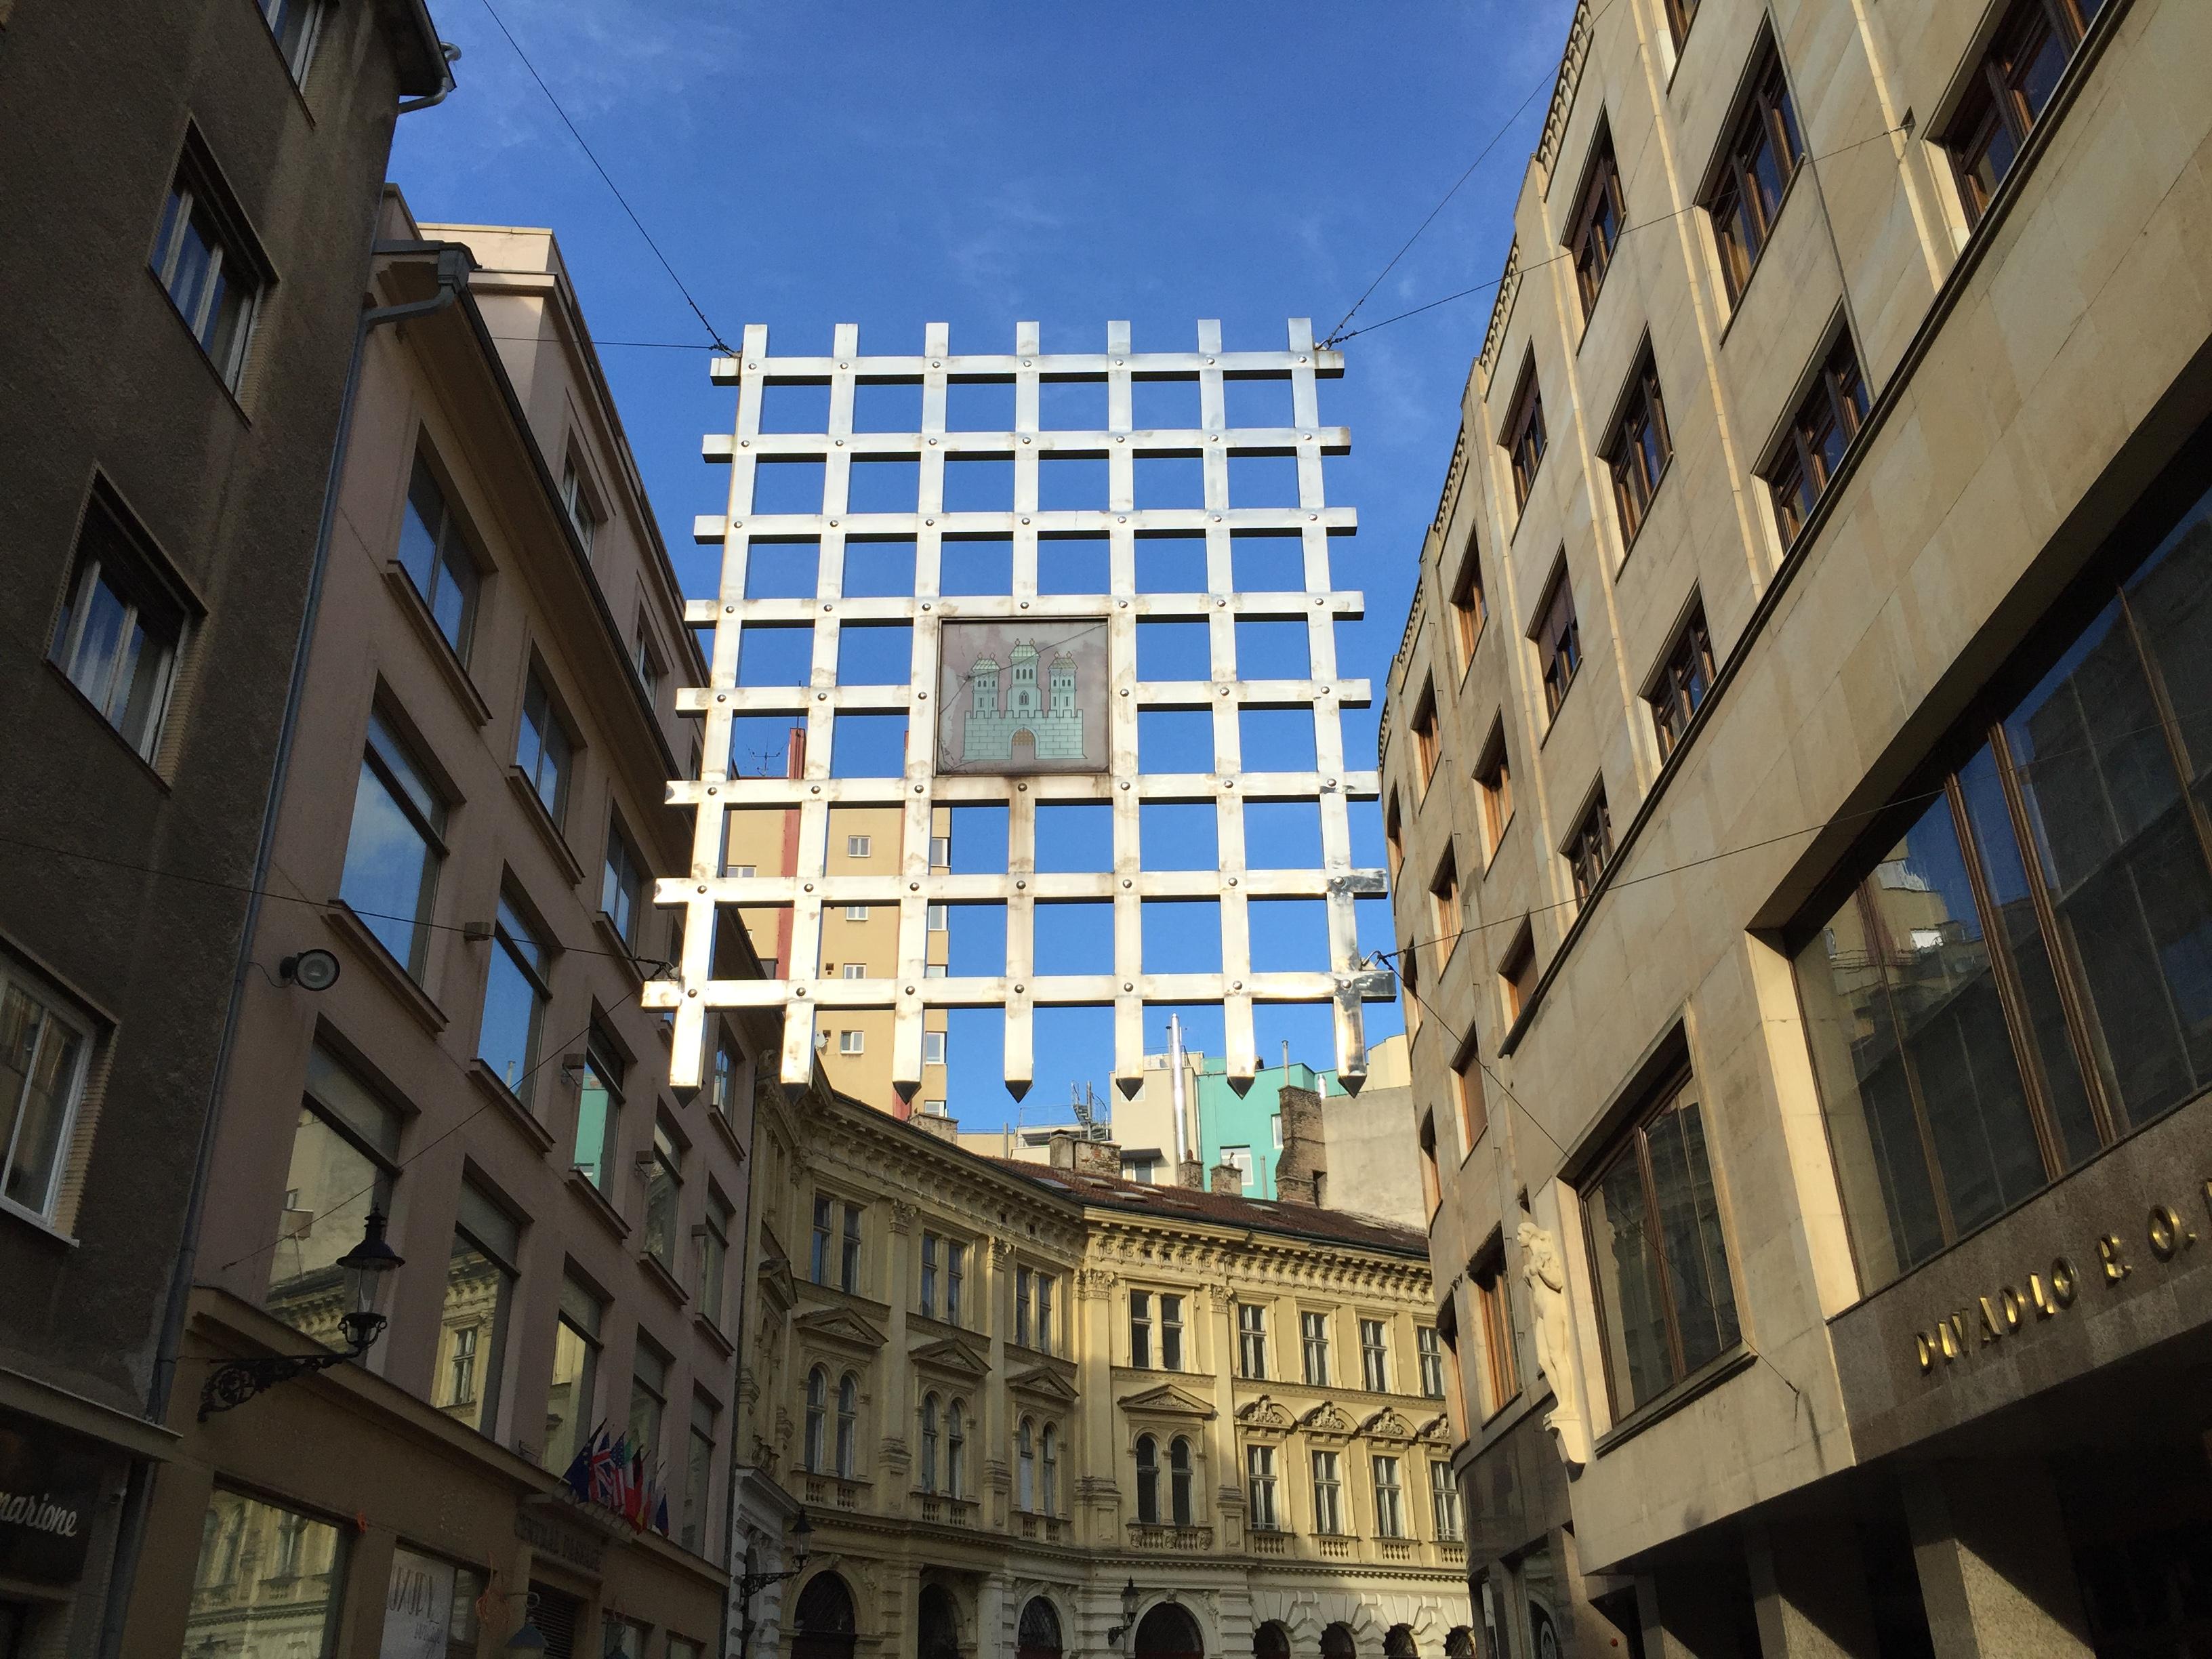 Az egykori városfalak már nincsenek meg, eza récs pedig a négy egykori városkapu egyikére emlékeztet